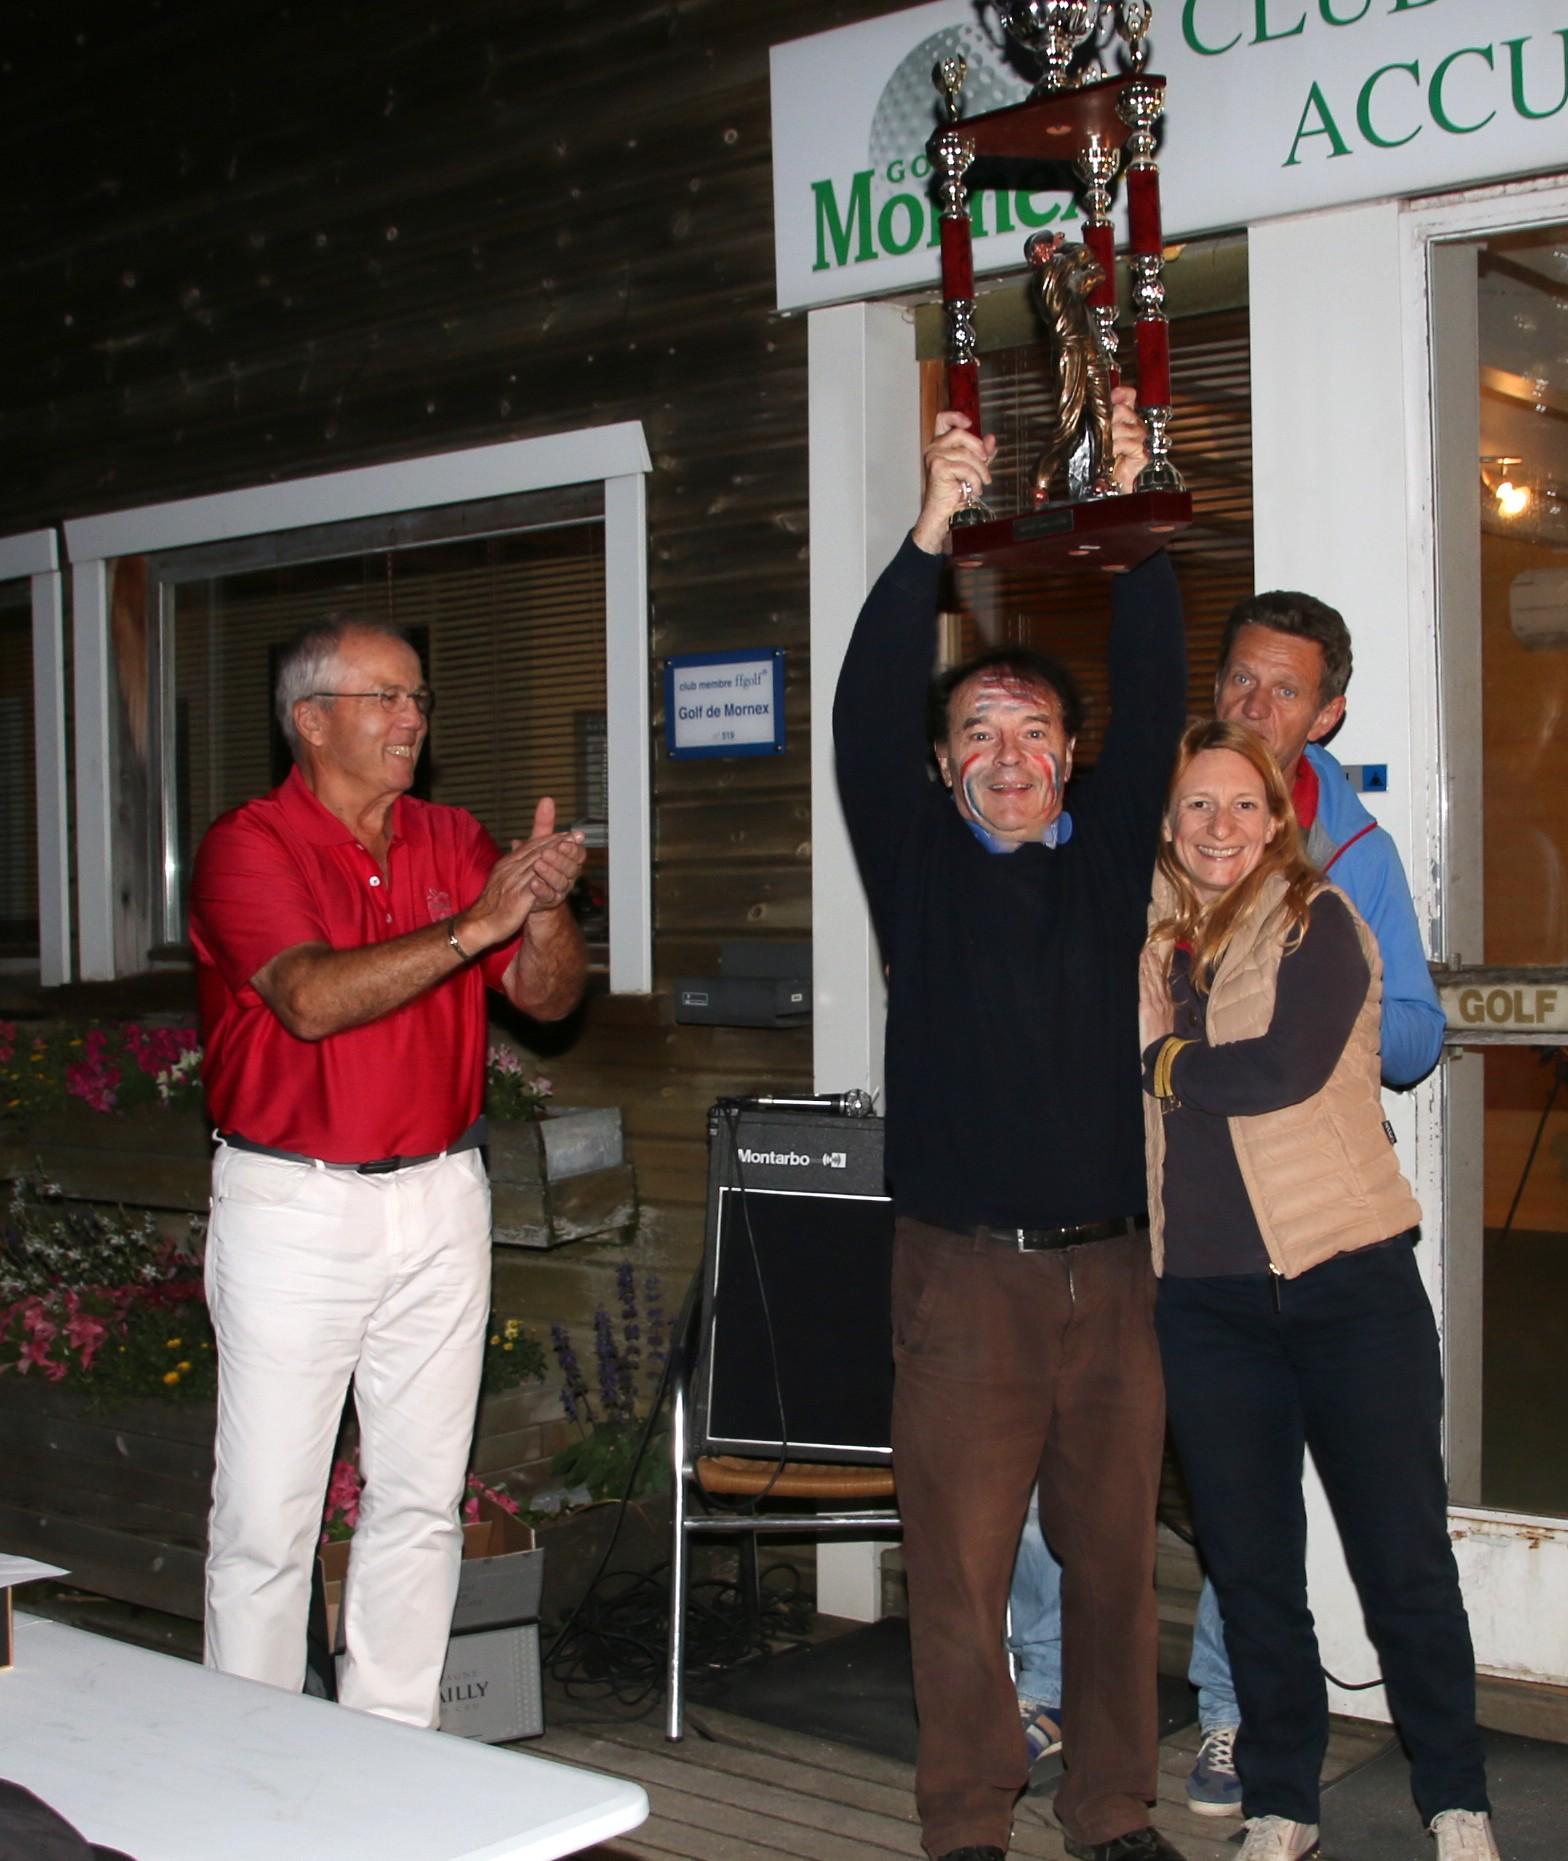 Le triomphe modeste d'Alain Ruffié, Président du Mornex Golf Club..